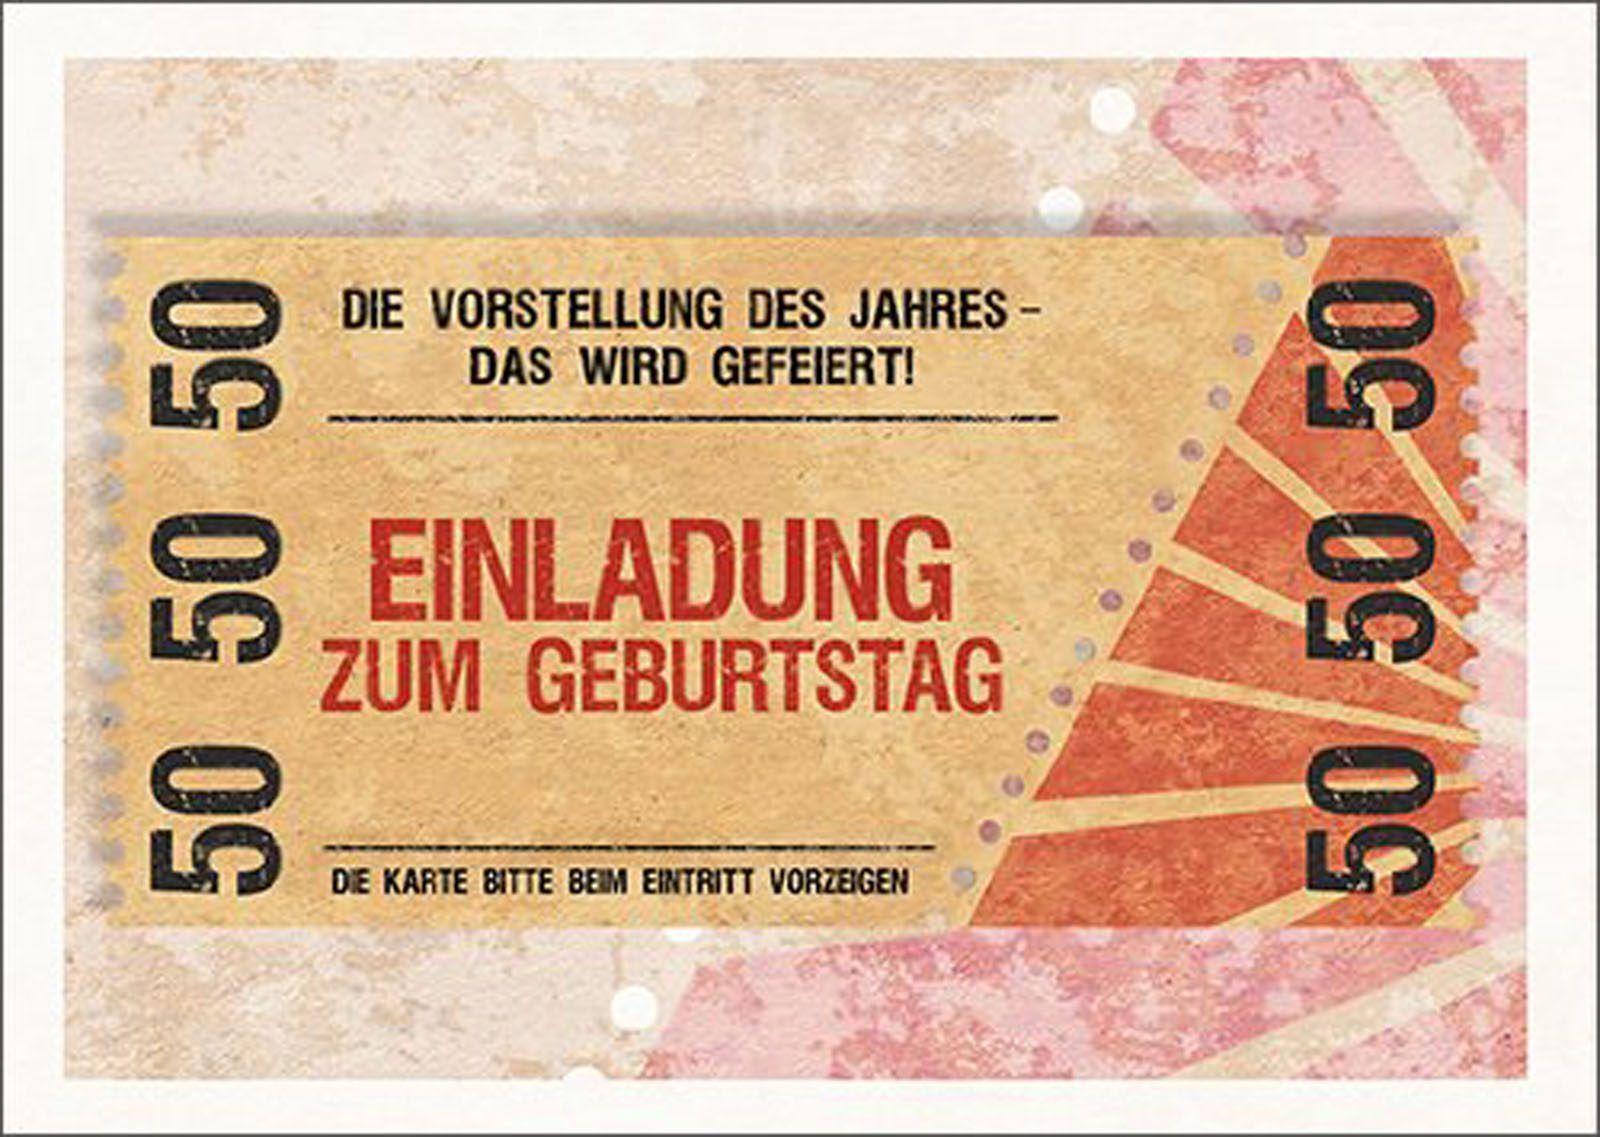 Schön Einladungskarten Geburtstag 50 : Einladungskarten Geburtstag 50 Selbst  Gestalten   Einladungskarten Online   Einladungskarten Online